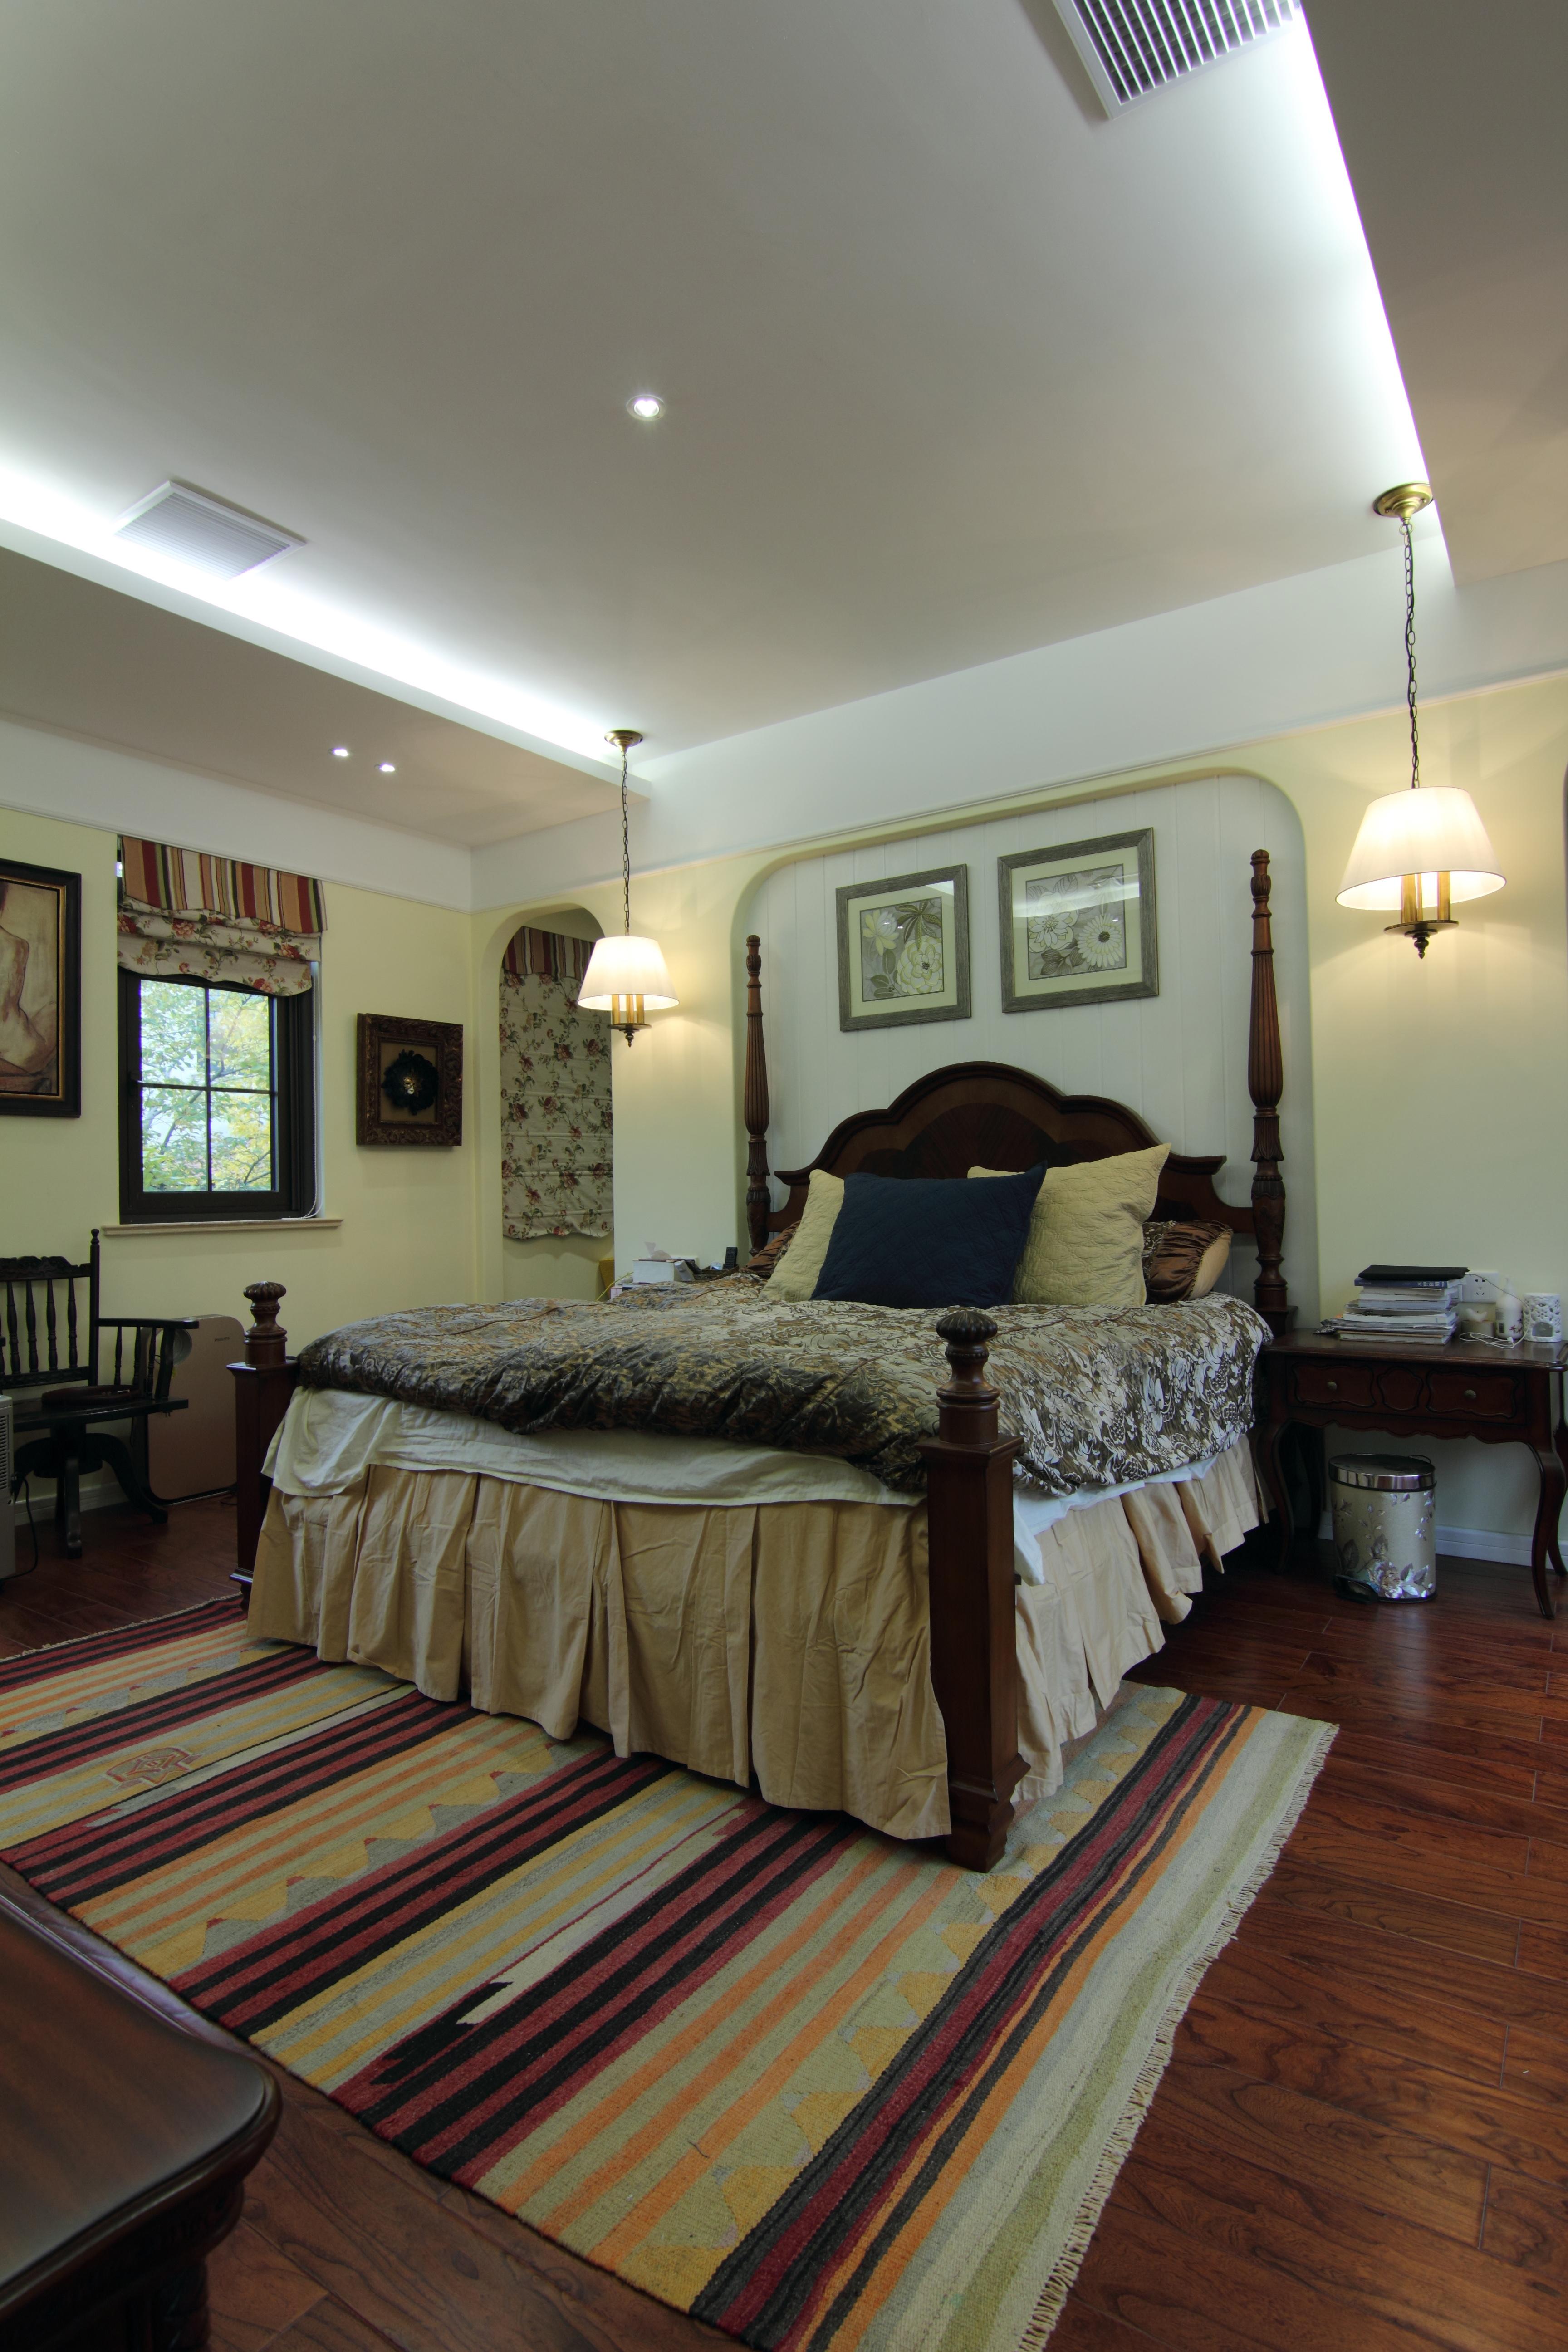 浪漫420平美式别墅卧室装潢图卧室窗帘美式经典卧室设计图片赏析